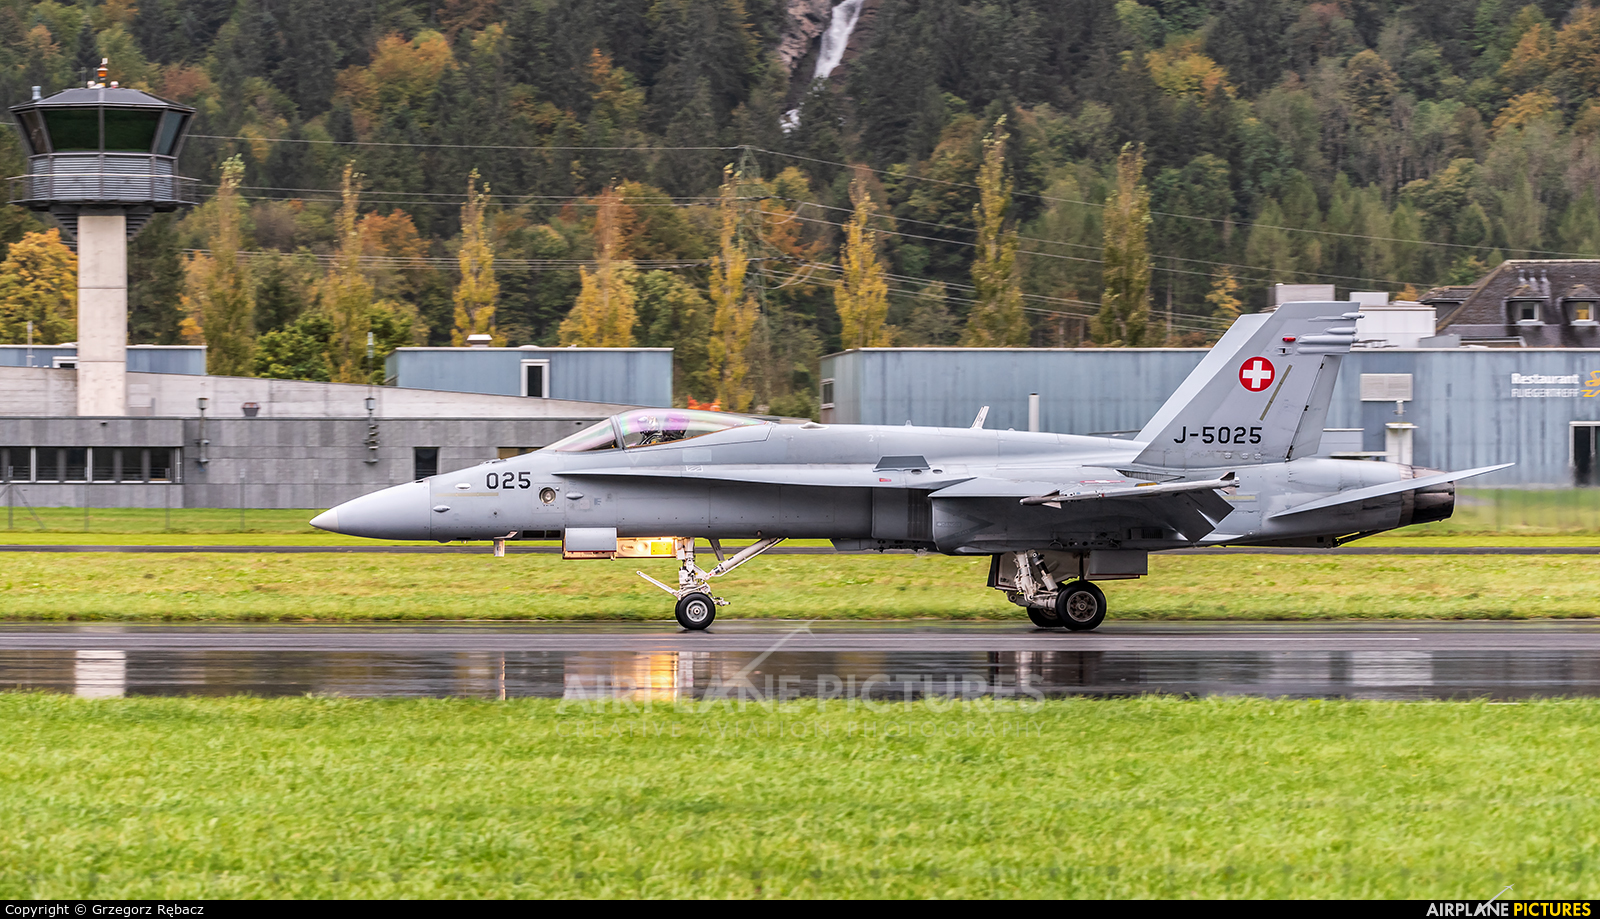 Switzerland - Air Force J-5025 aircraft at Meiringen